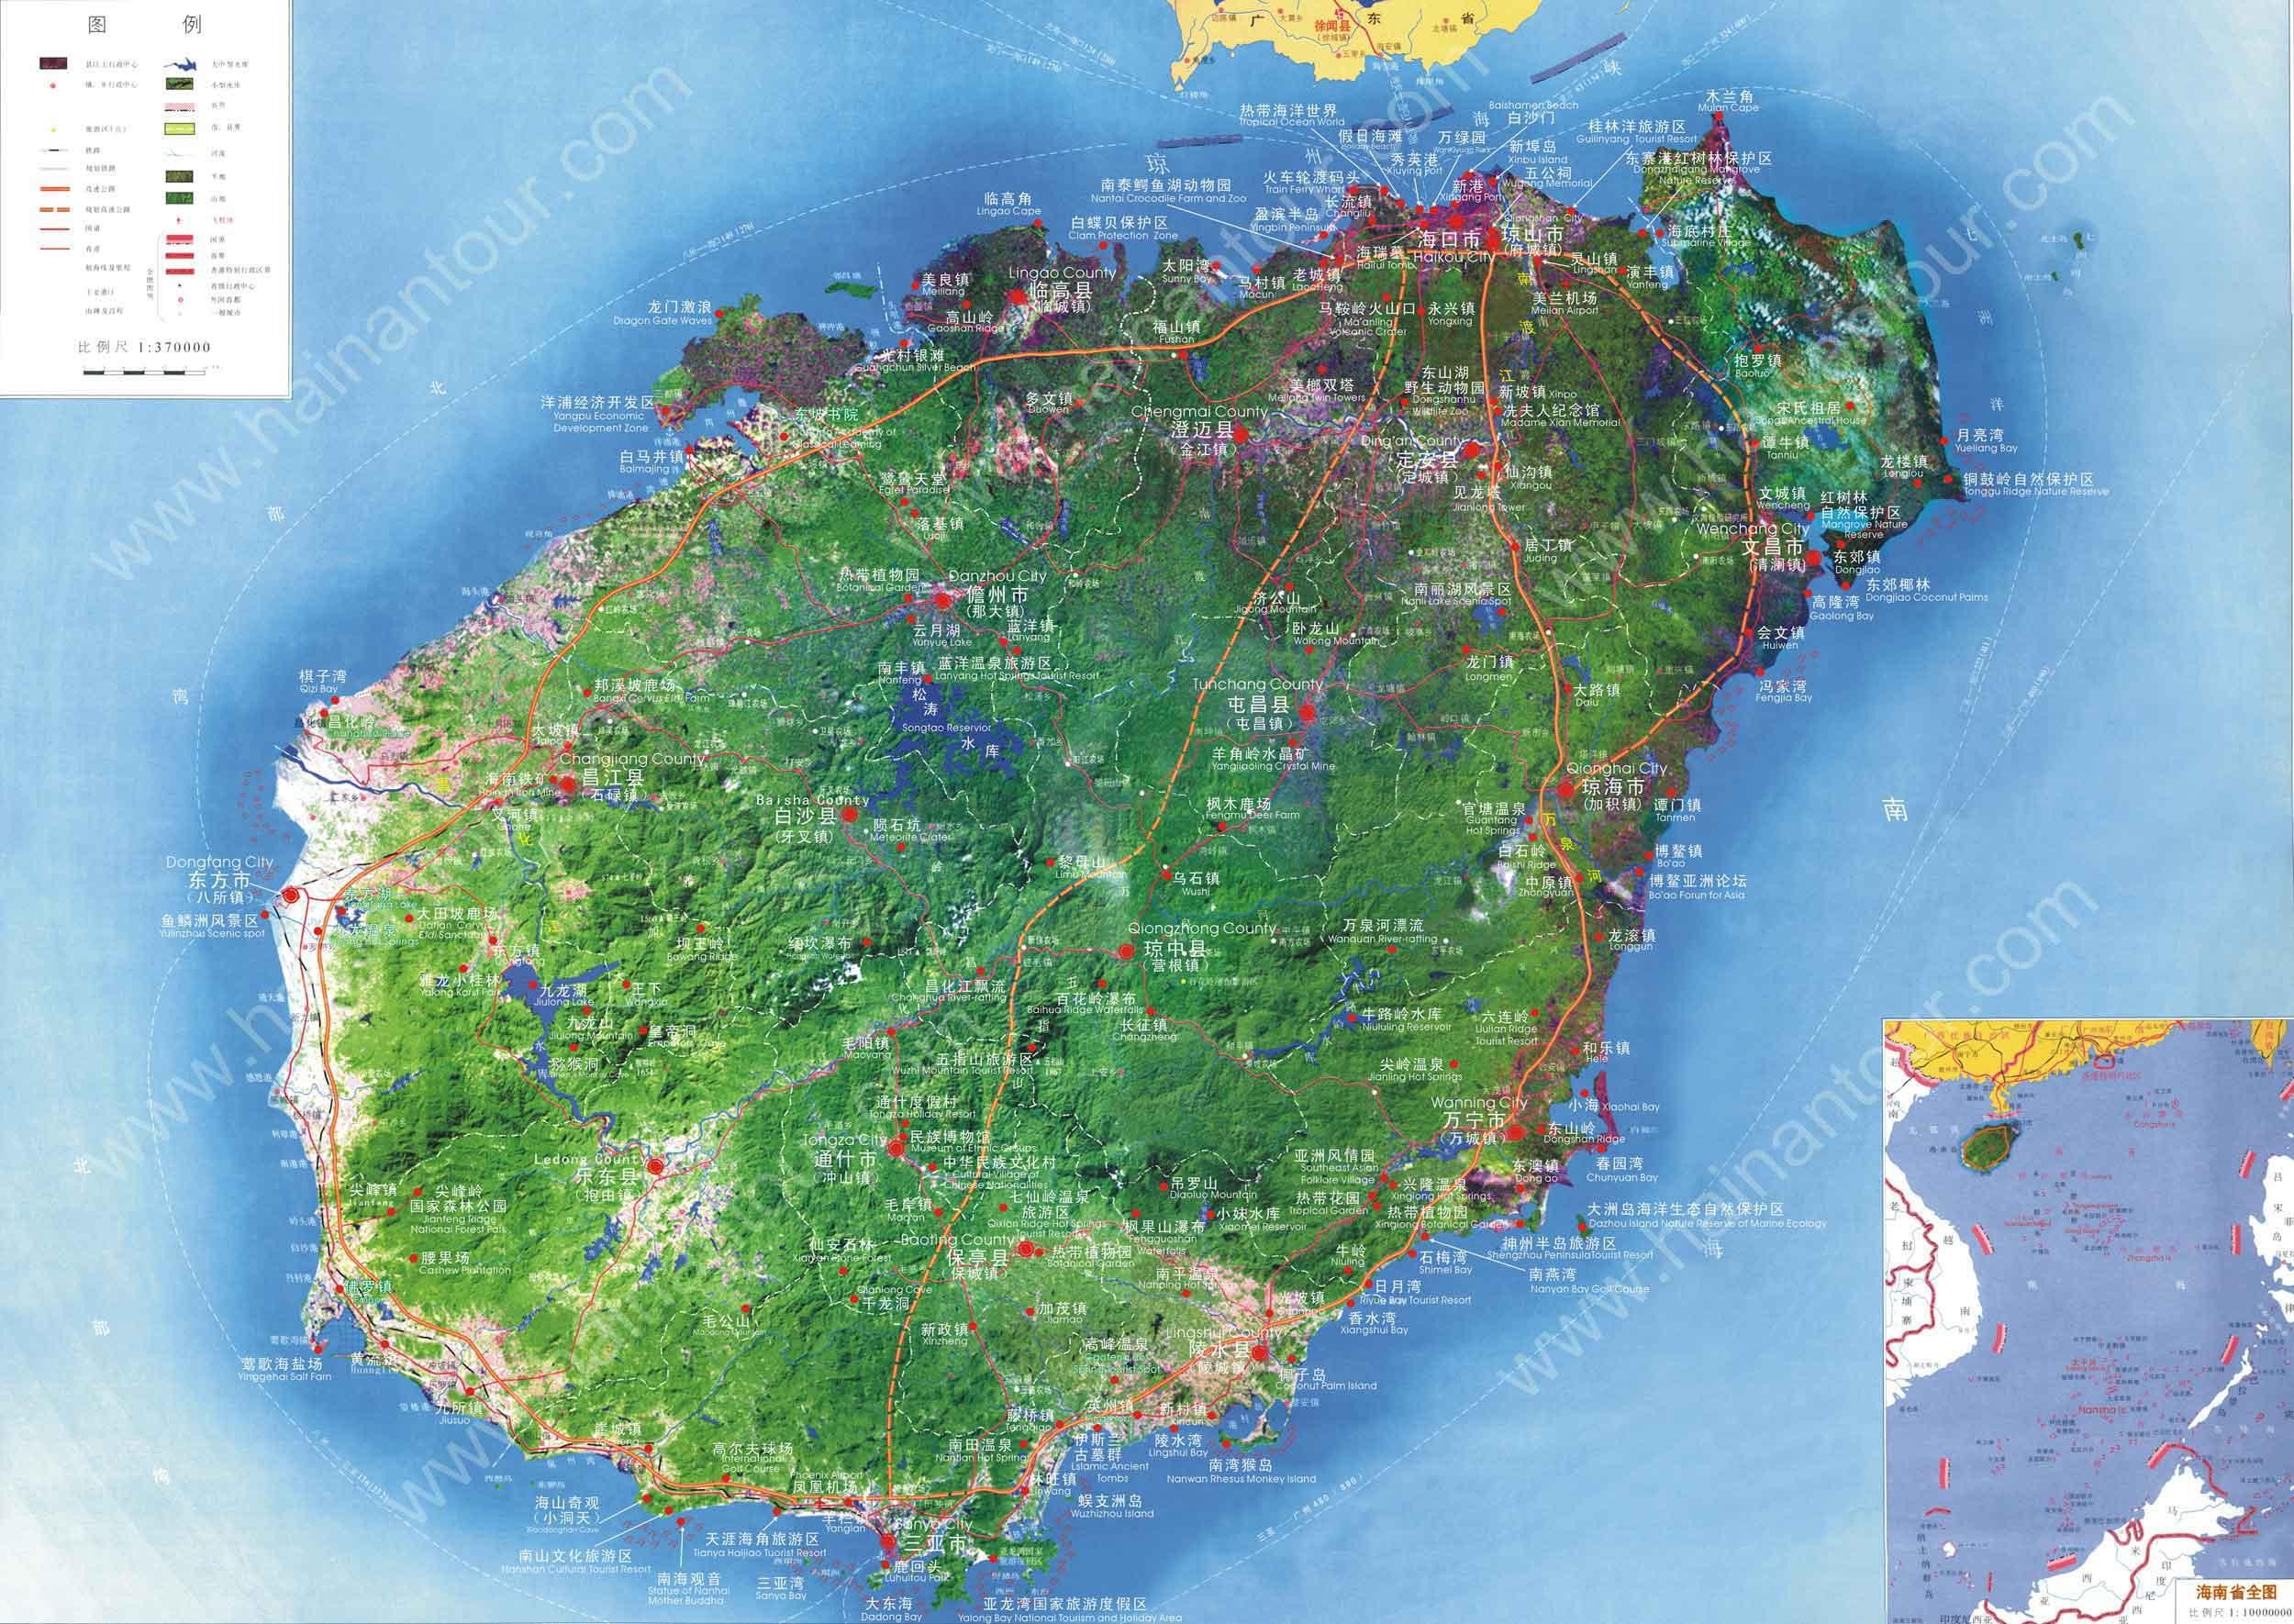 海南旅游地图全图